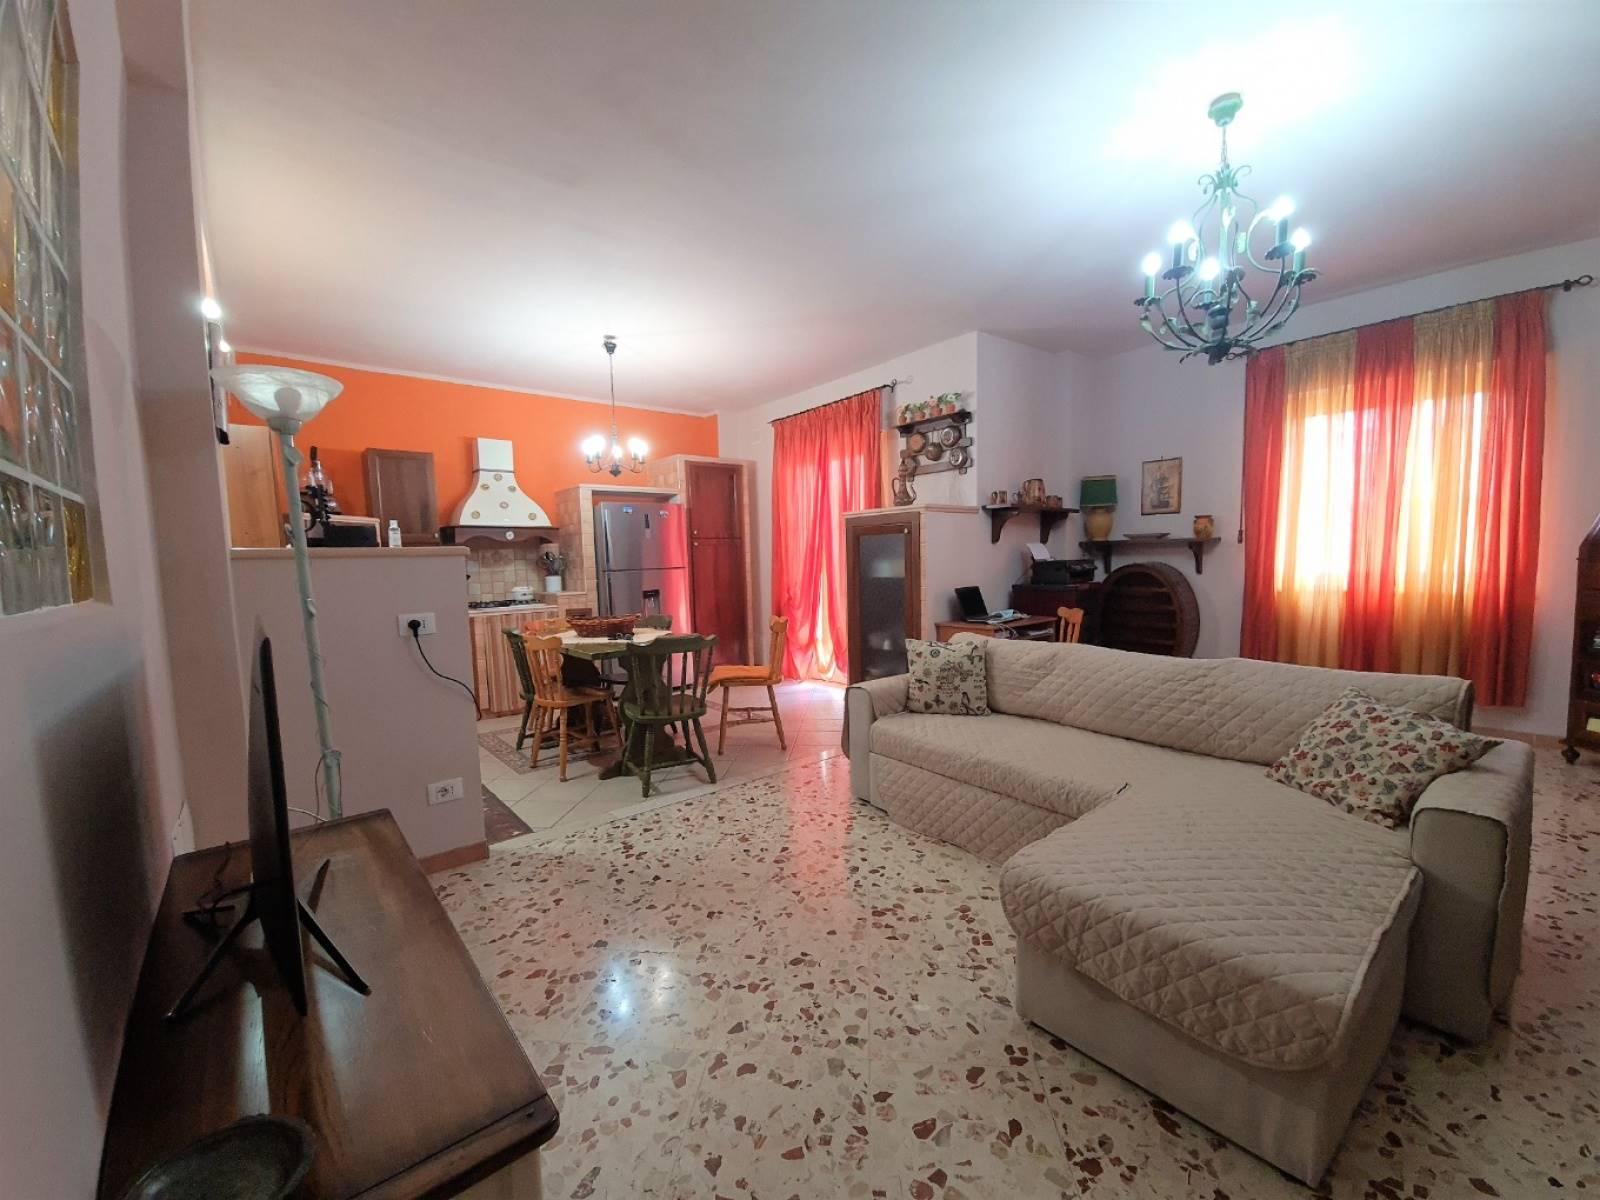 Appartamento in vendita a Bagheria, 4 locali, prezzo € 135.000 | PortaleAgenzieImmobiliari.it